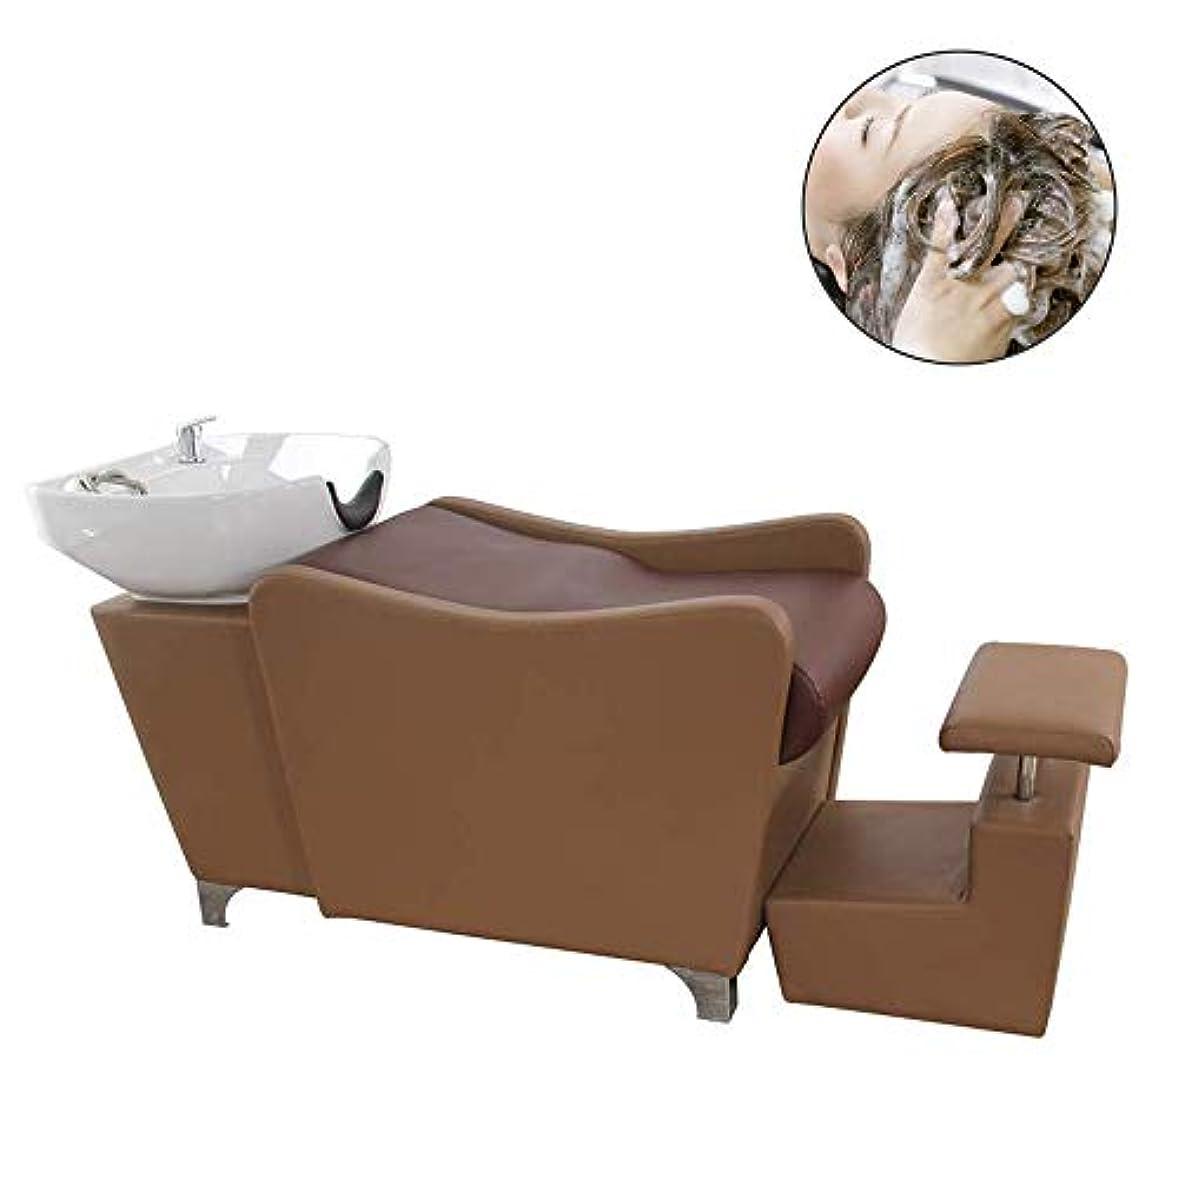 成長曖昧なインターネットサロン用シャンプー椅子とボウル、理髪店逆洗ユニットシャンプーボウル理髪用シンク椅子用スパビューティーサロン機器(茶色)